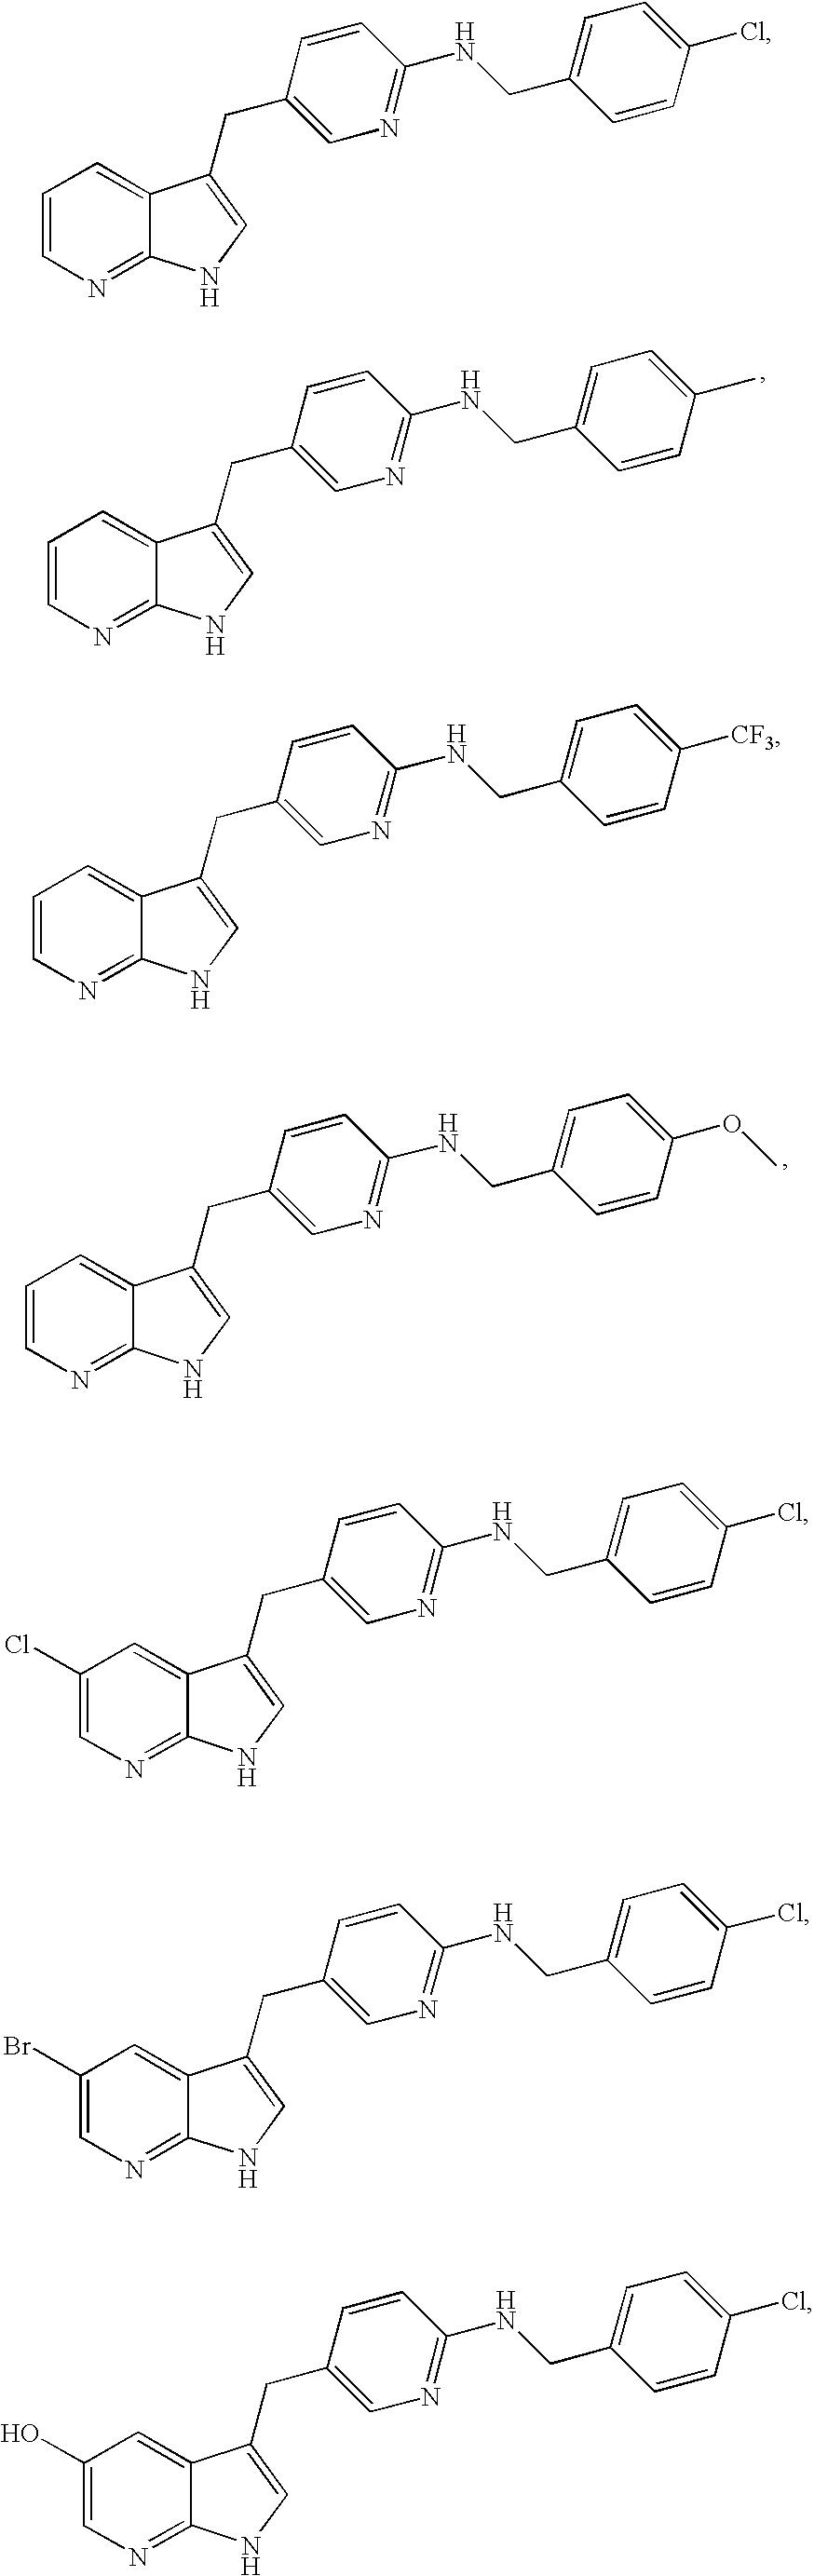 Figure US07893075-20110222-C00043